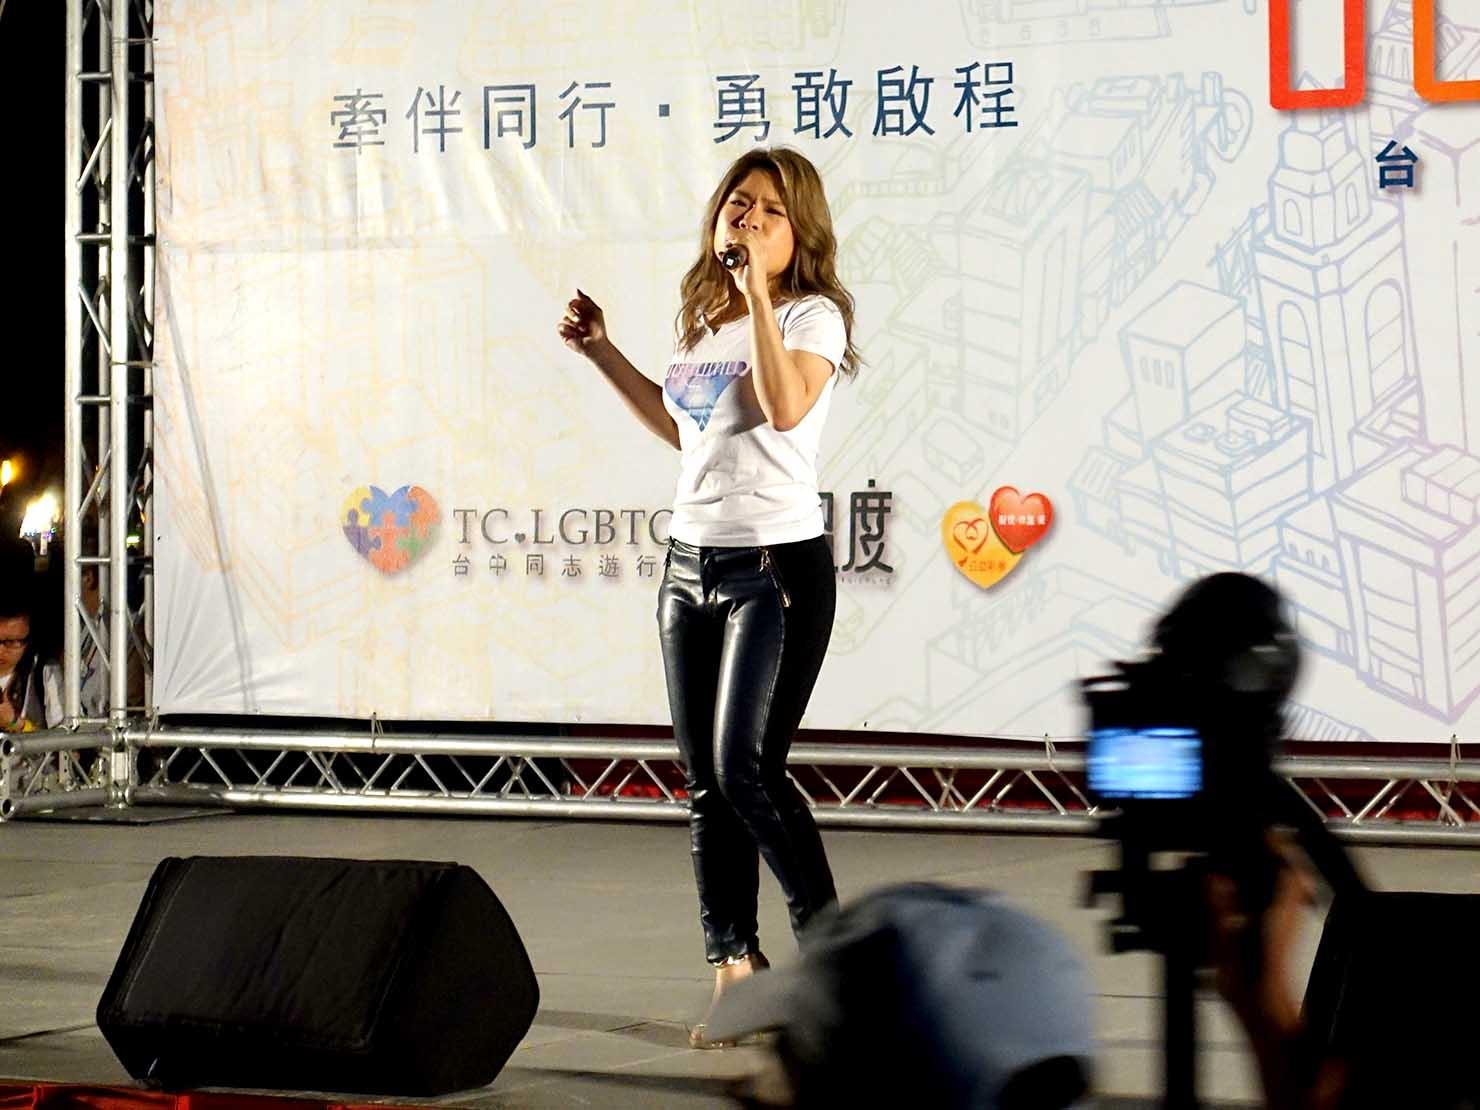 台中同志遊行(台中LGBTプライド)2017のステージでパフォーマンスする台湾のアーティスト・符瓊音